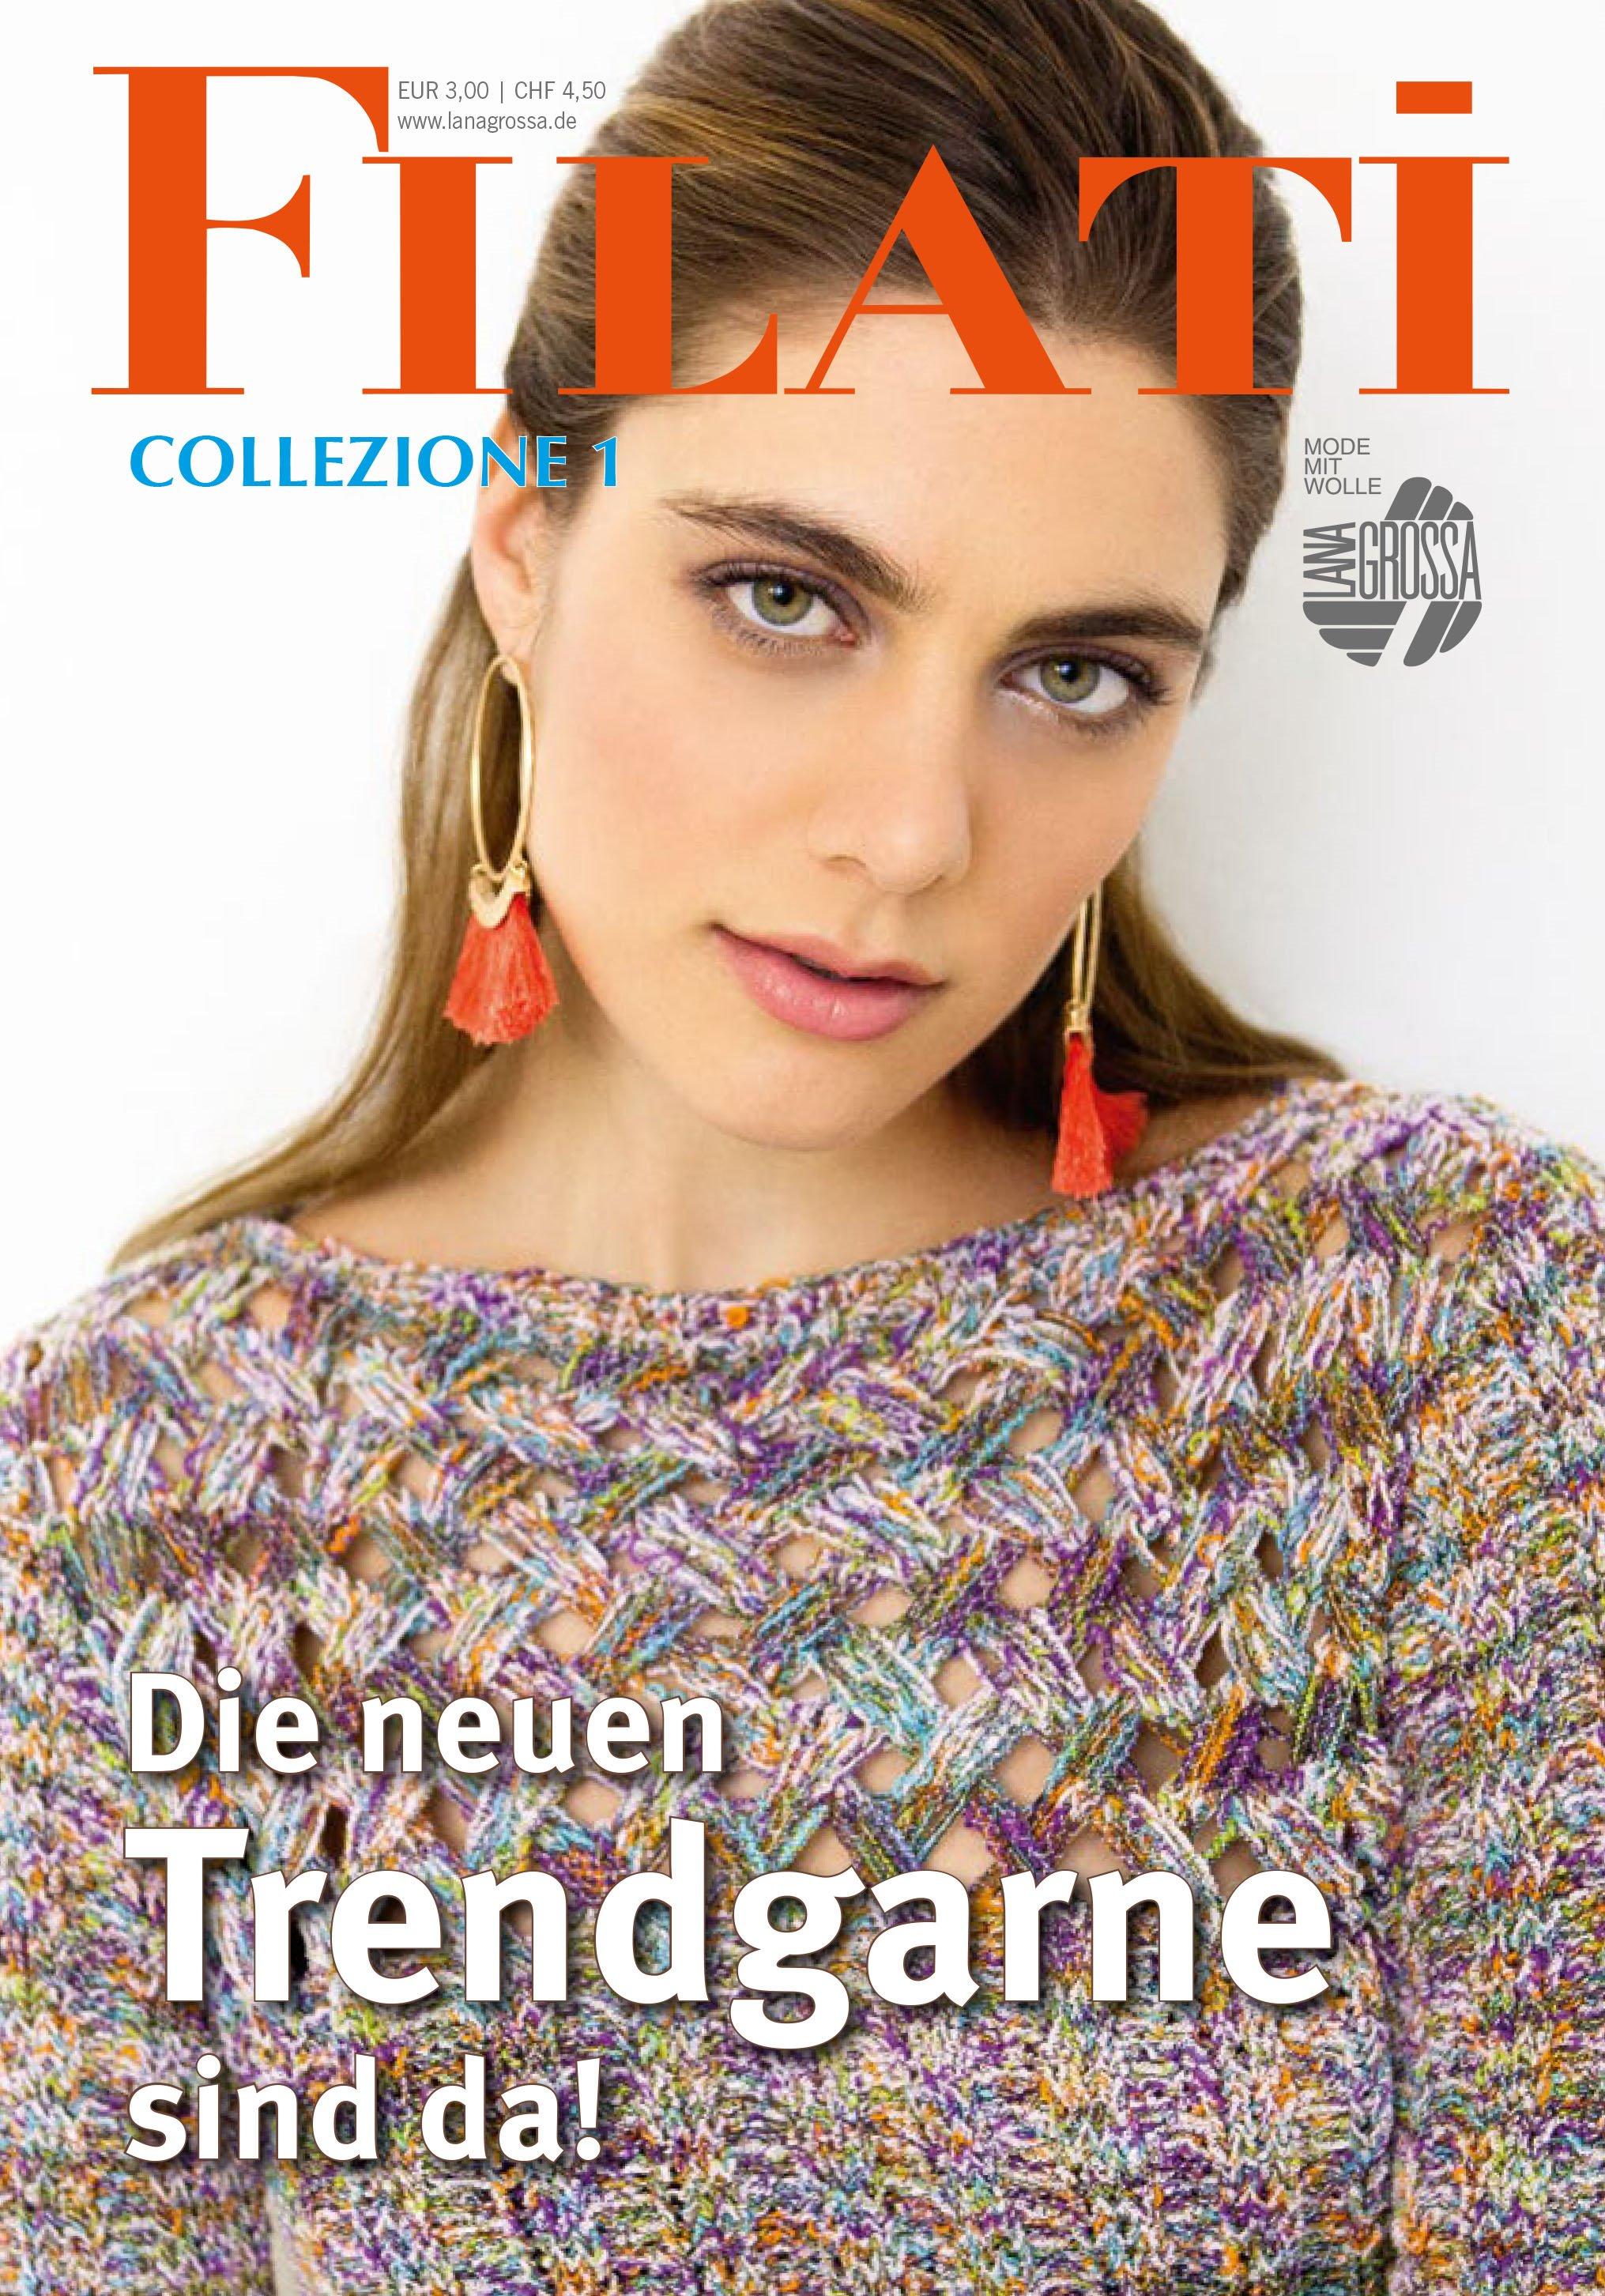 Lana Grossa FILATI Collezione No. 1 - German Edition